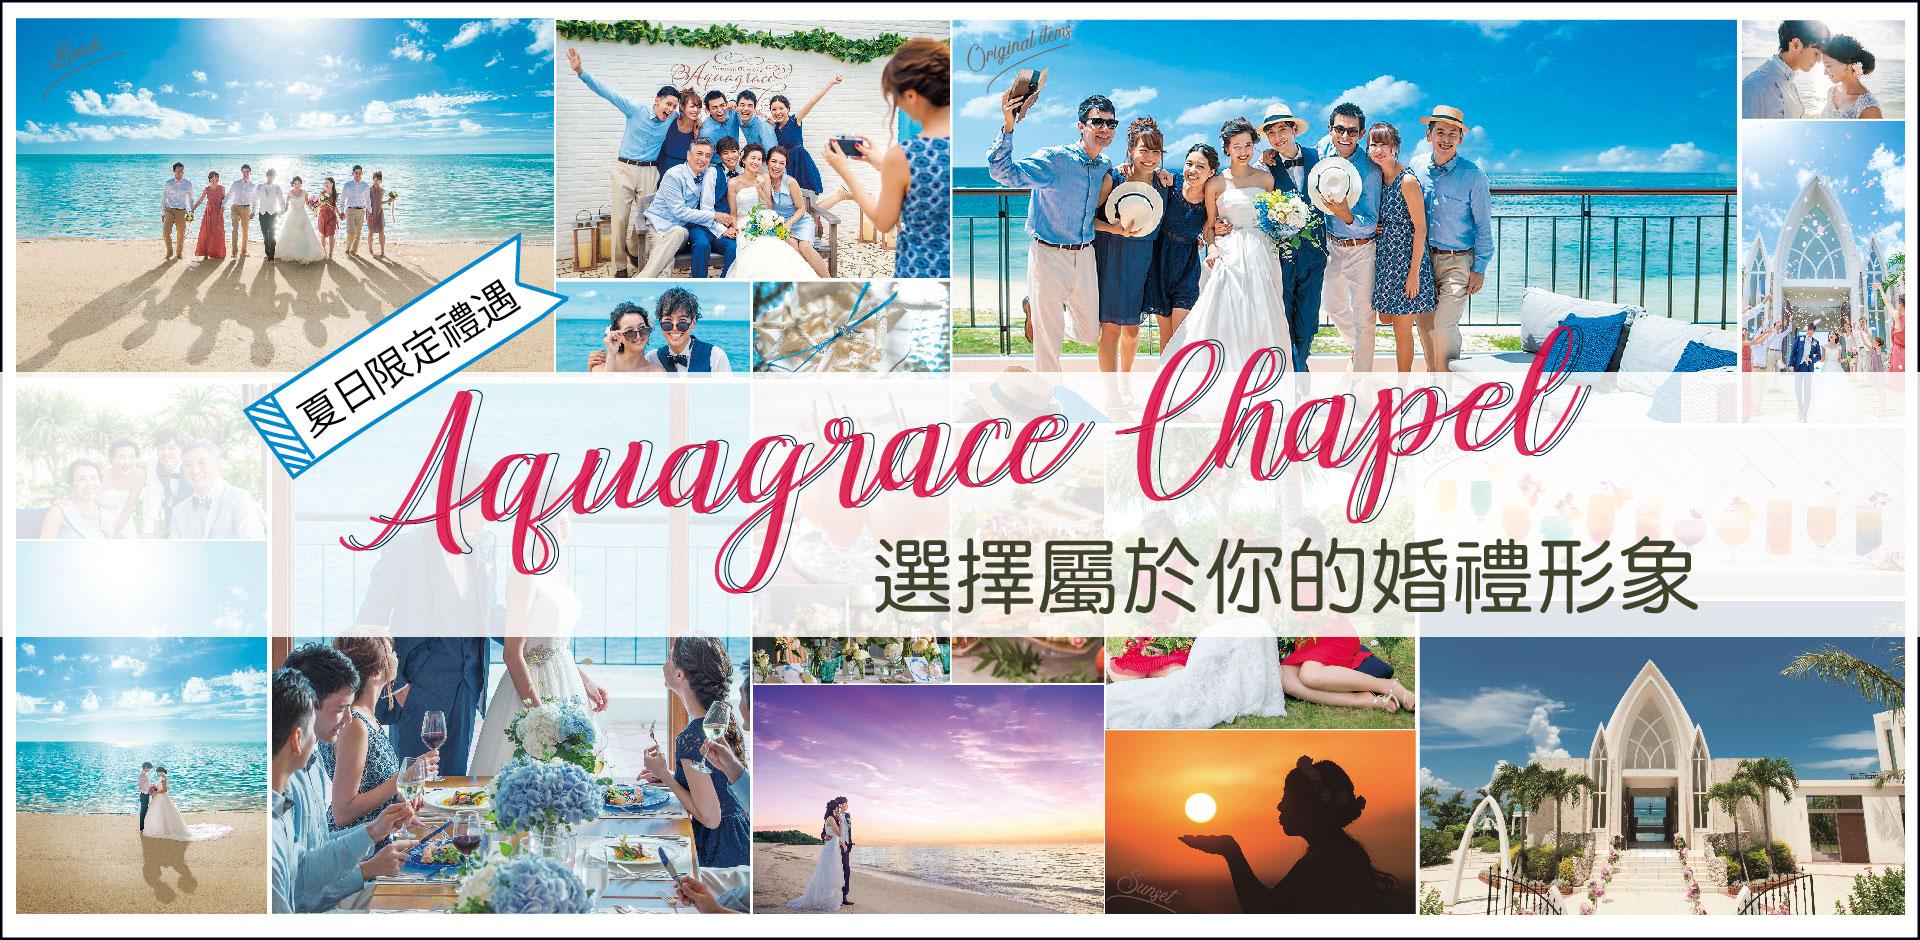 沖繩婚禮,教堂婚禮,Okinawa,日本婚禮,海外婚禮,旅行結婚,日本結婚, Aquagrace, Watabe